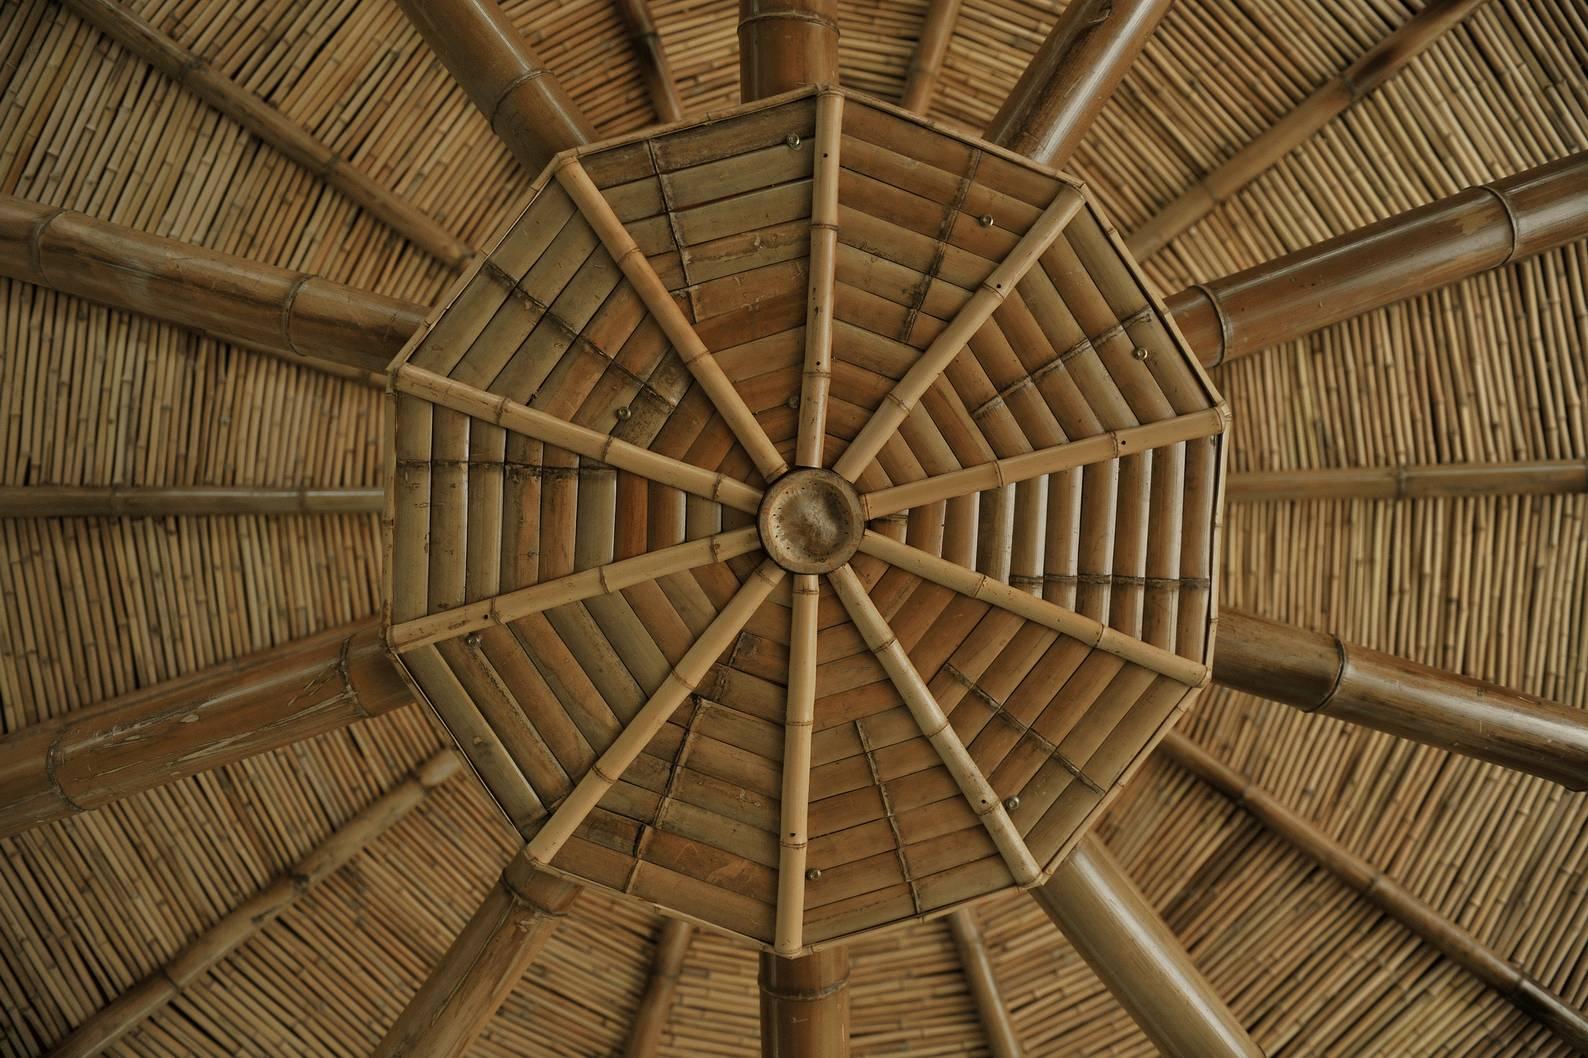 结构屋架形式充分发挥了材料性能及易施工造价低等